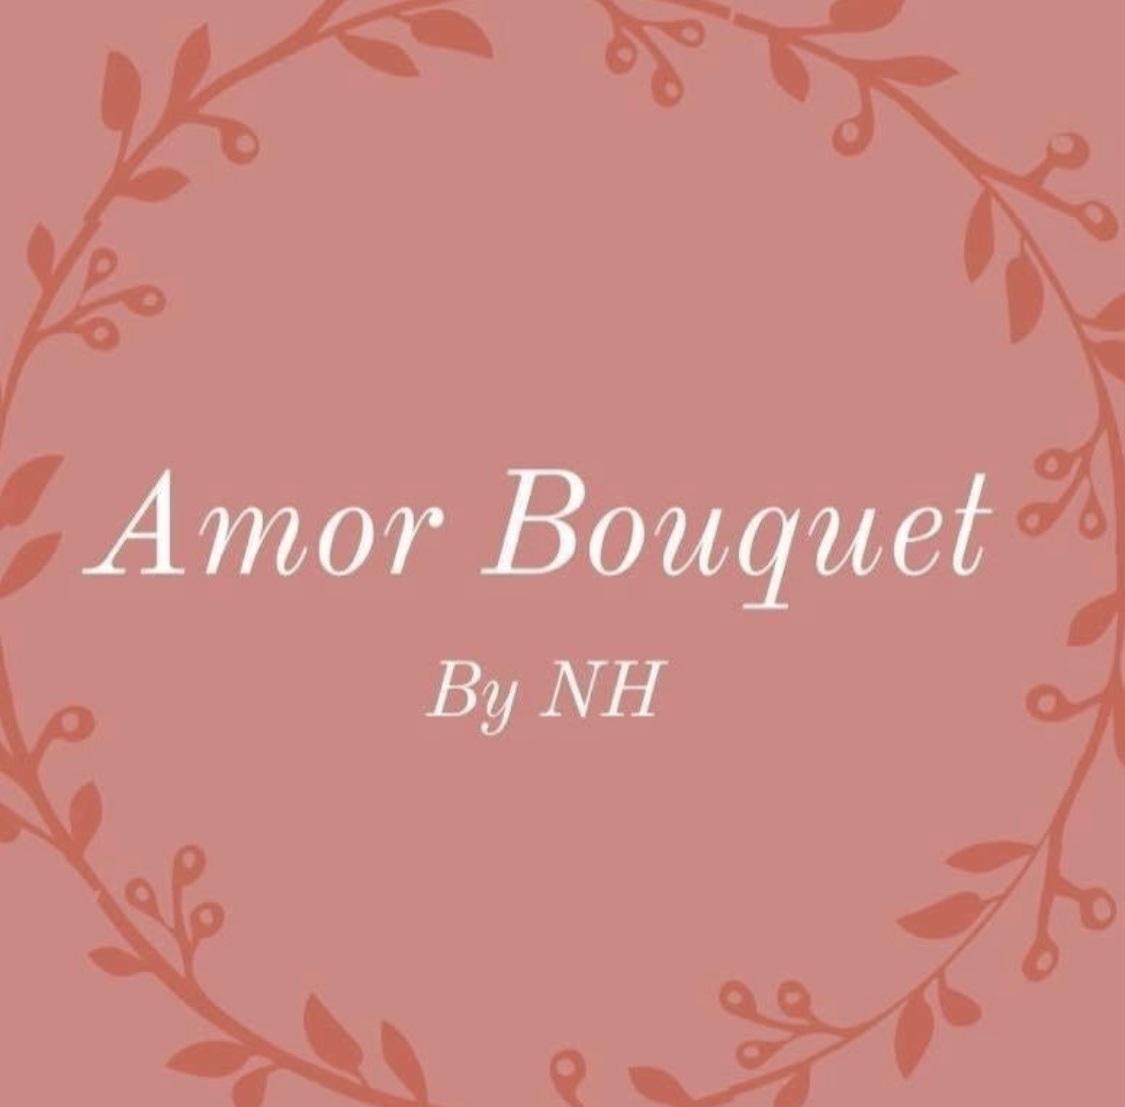 Amor Bouquet